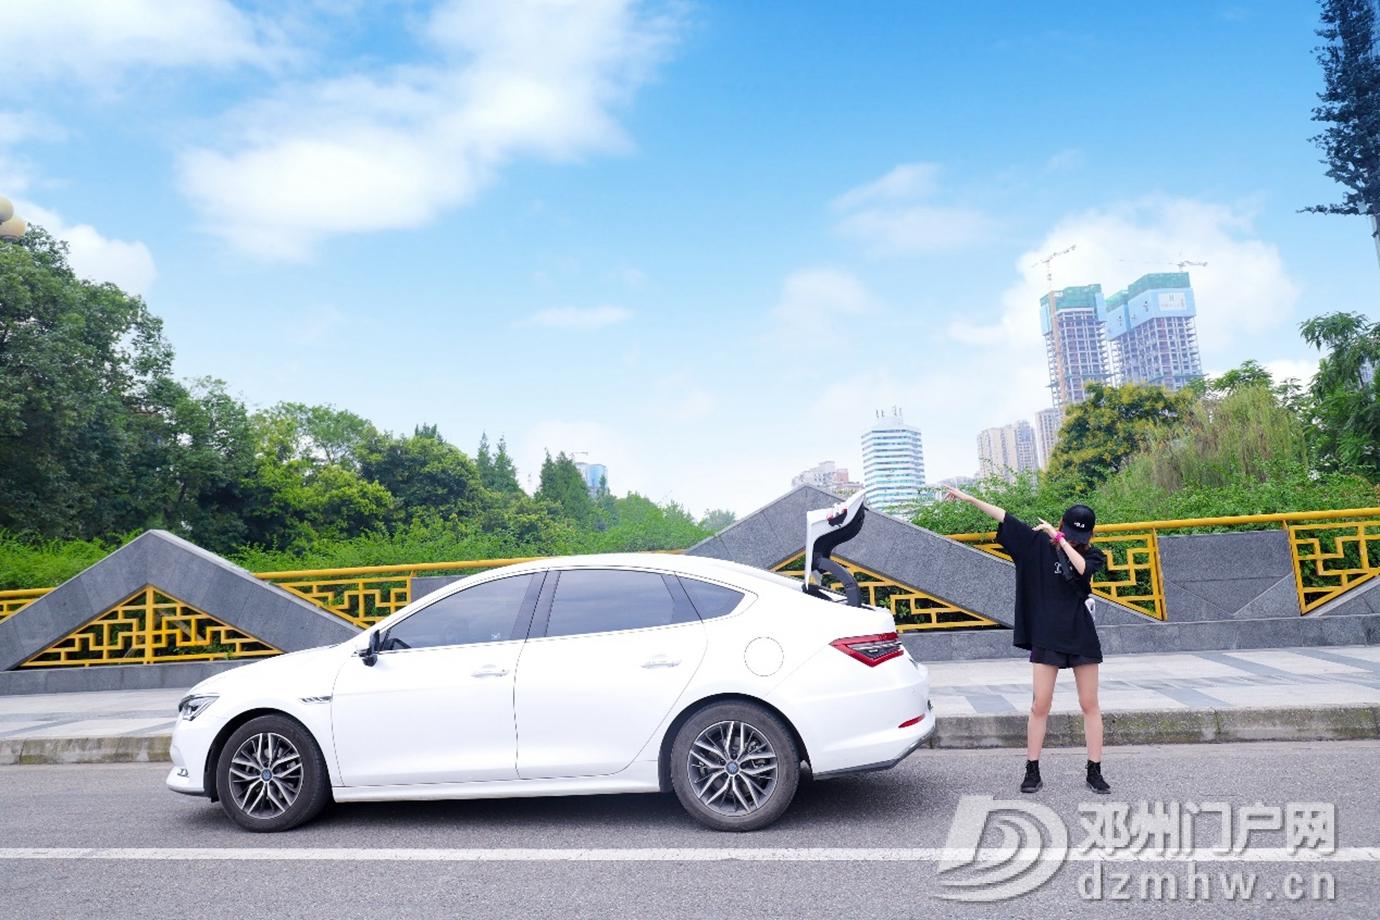 秦Pro DM车主的嘻哈生活 - 邓州门户网|邓州网 - a12.jpg